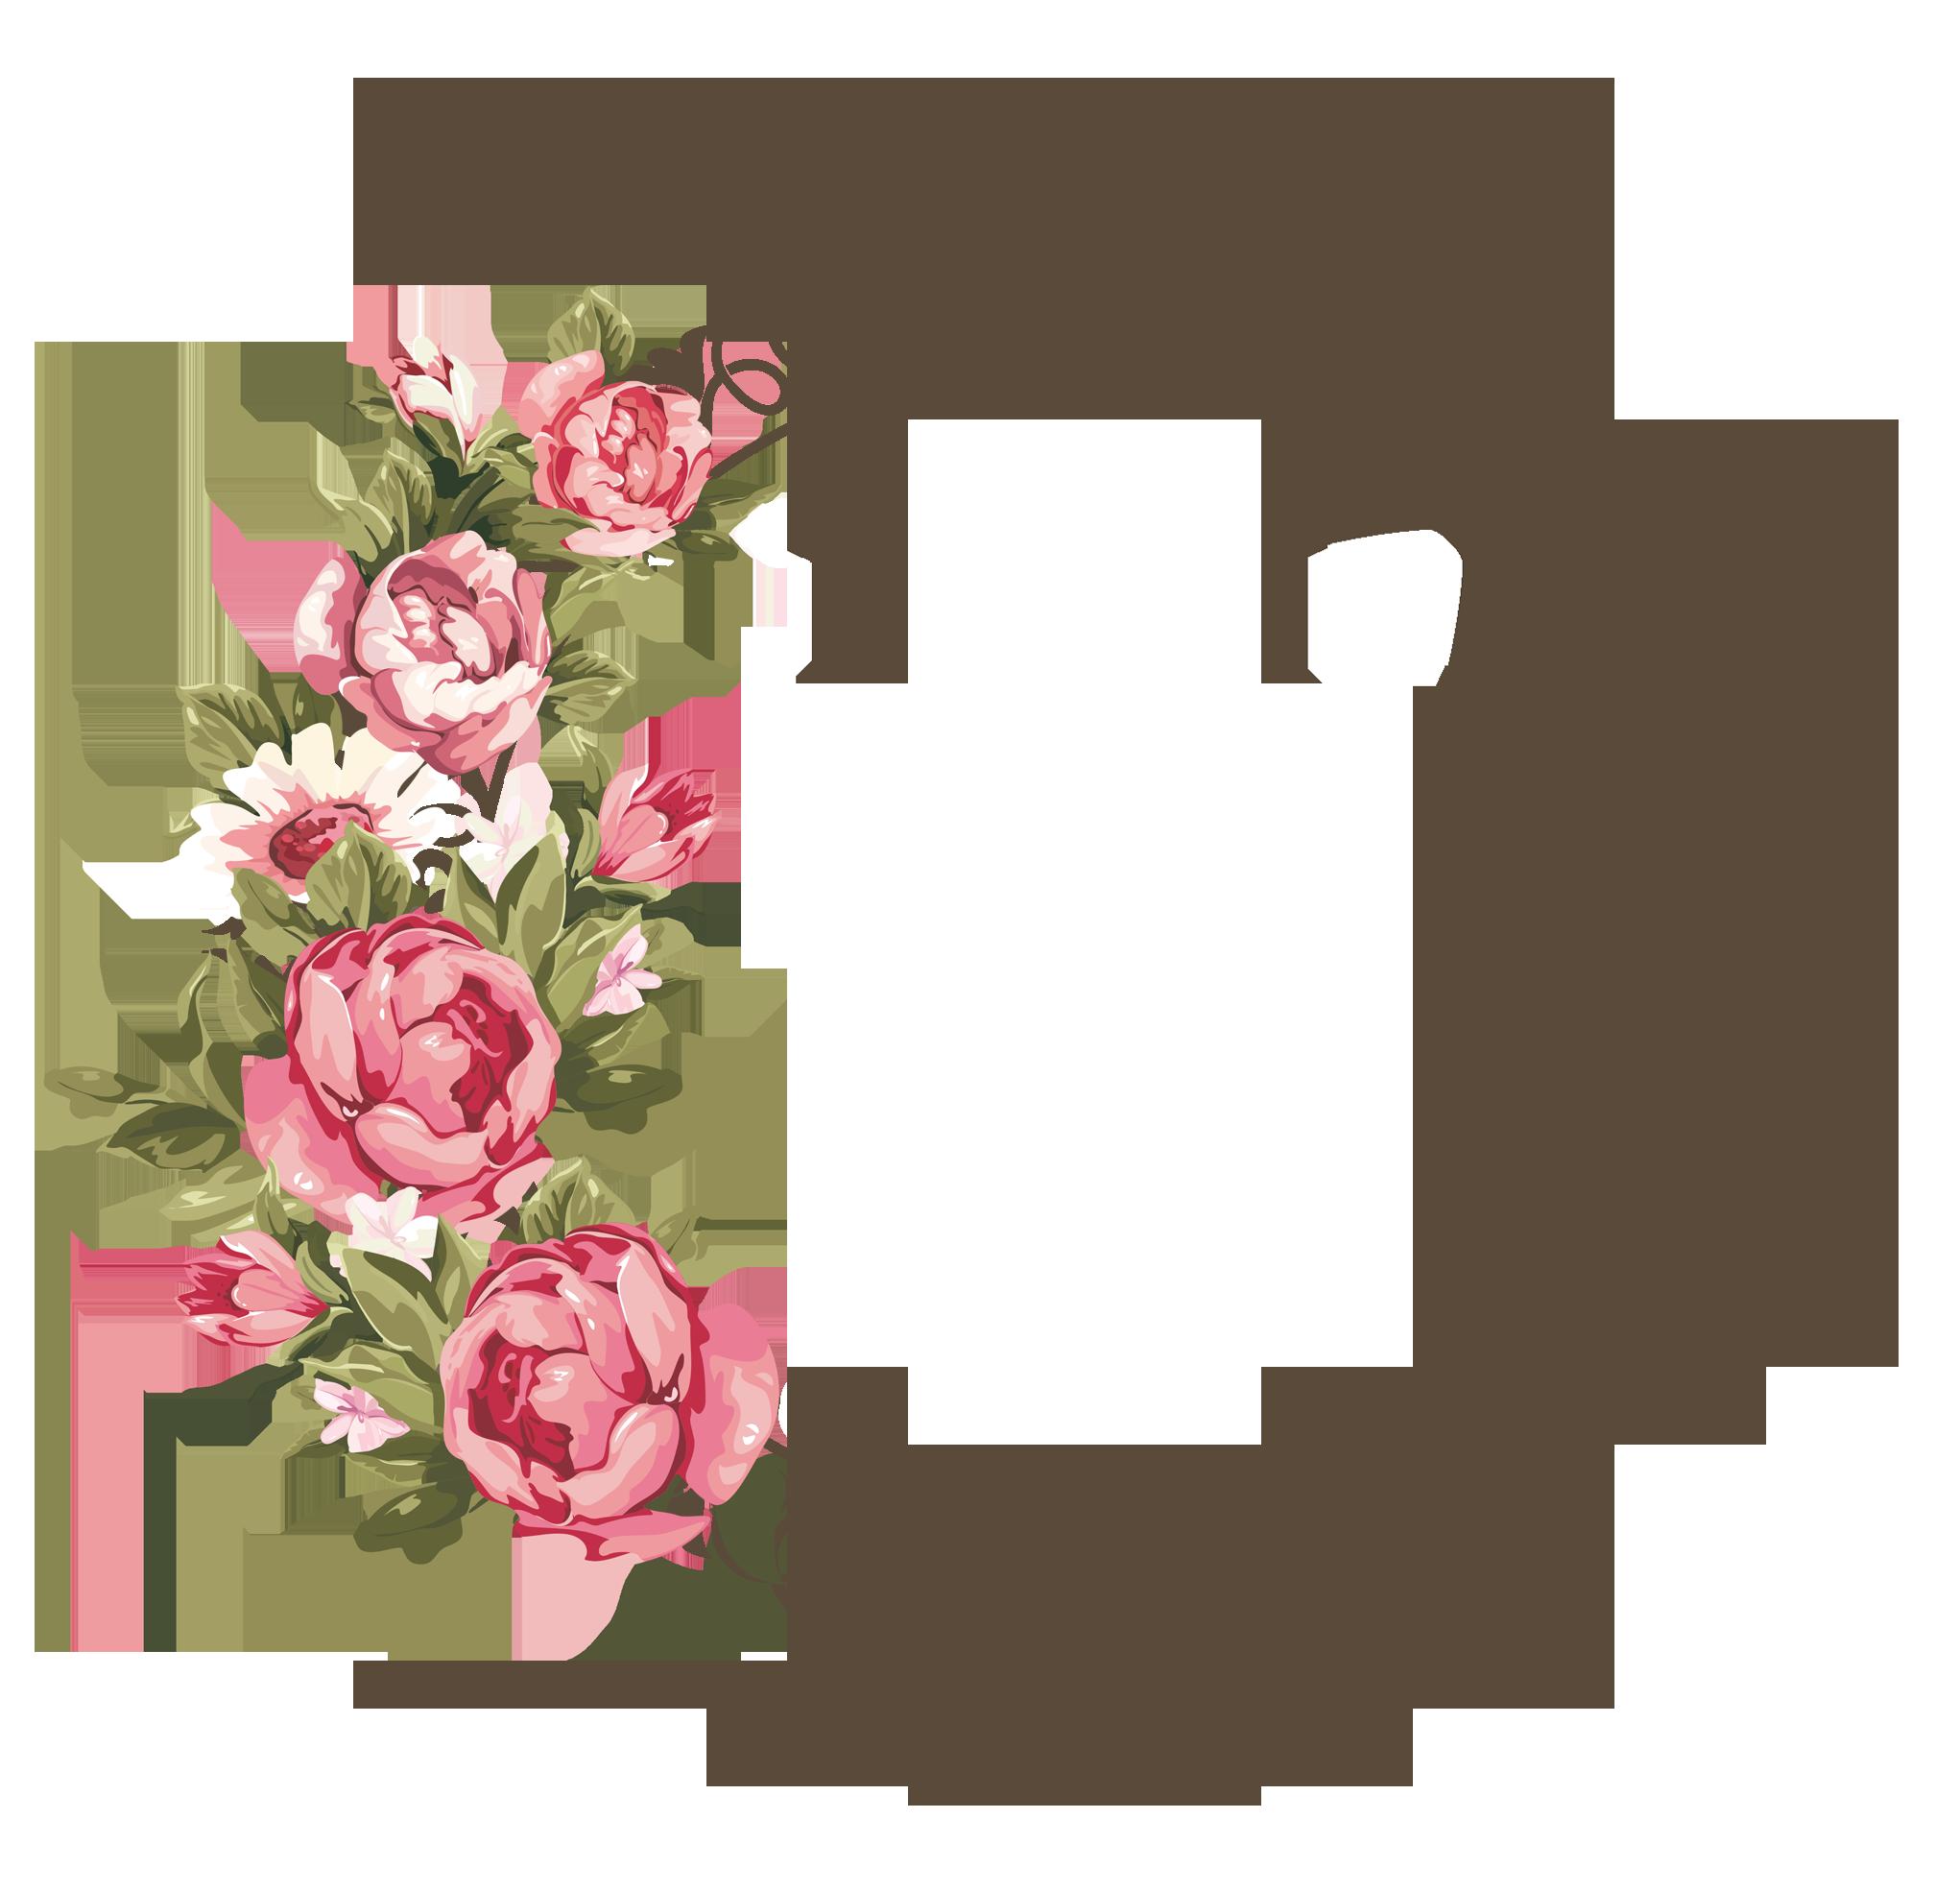 image title Flower frame, Flower frame png, Rose frame